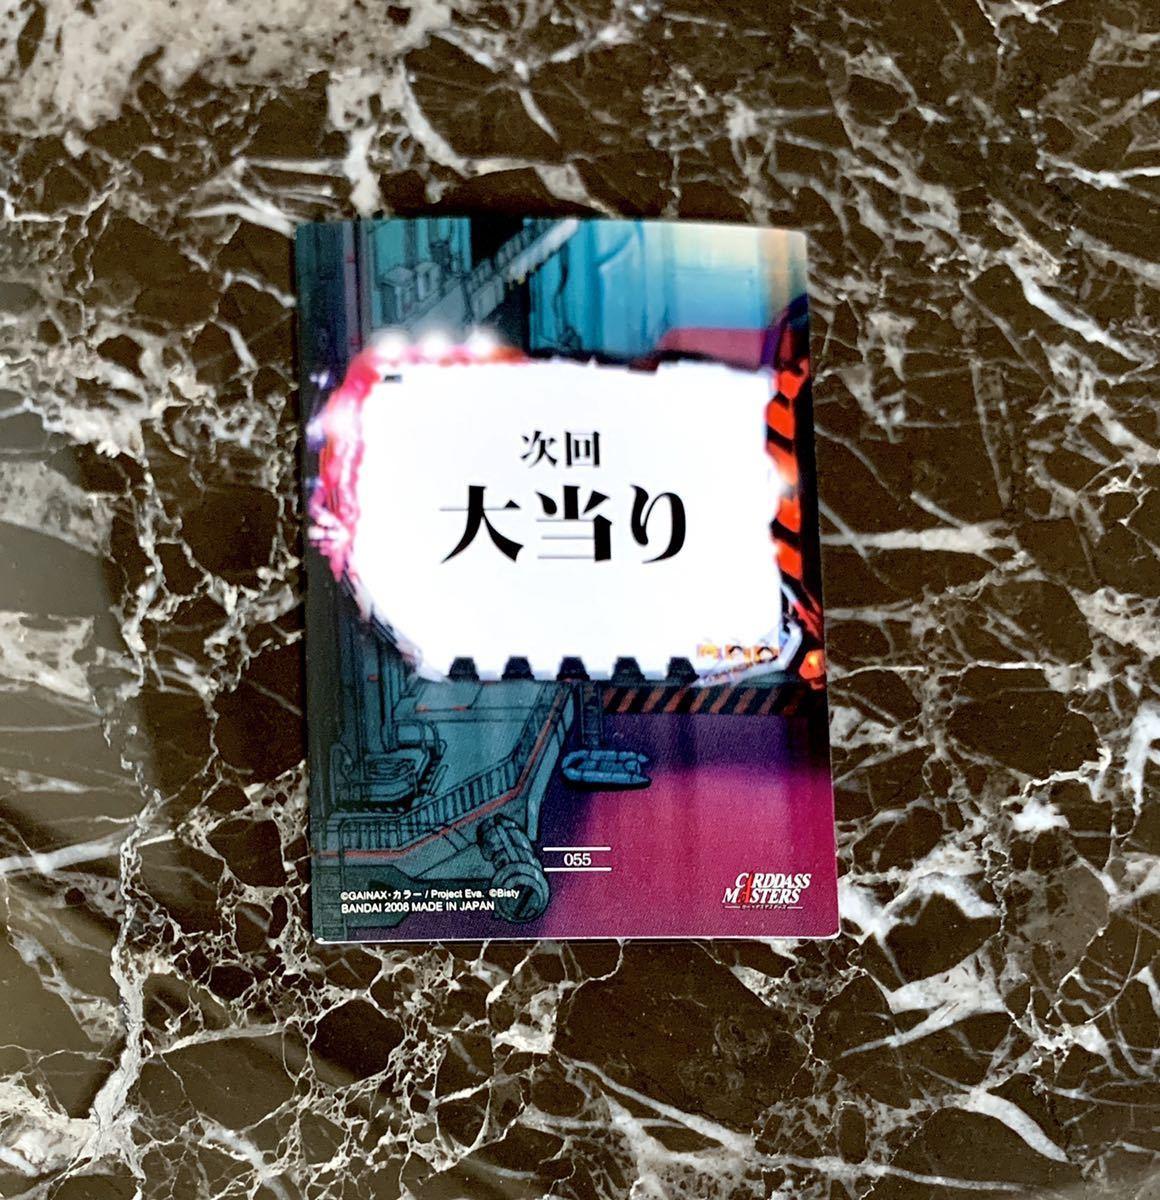 ★【送料無料】★【CRエヴァンゲリオンのトレーディングカード】★【EVANGELION 初号機: 『エヴァンゲリオン初号機:格納庫』 】プレミア_画像5